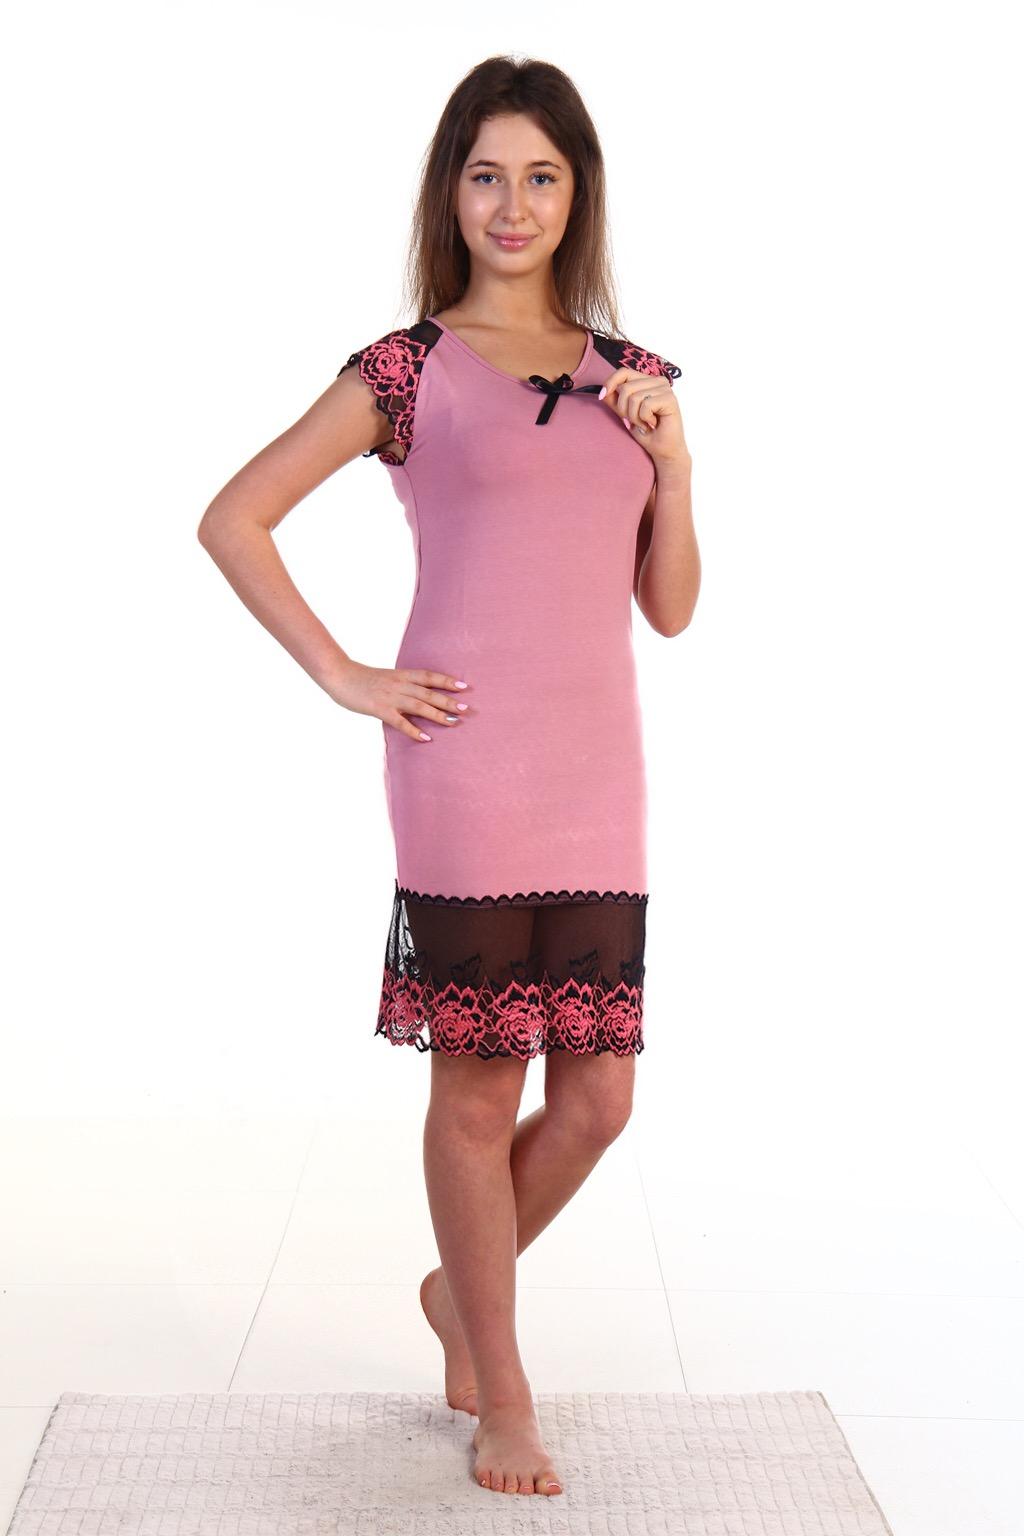 Женская одежда и нижнее белье оптом и в розницу - Лилия Модель 031